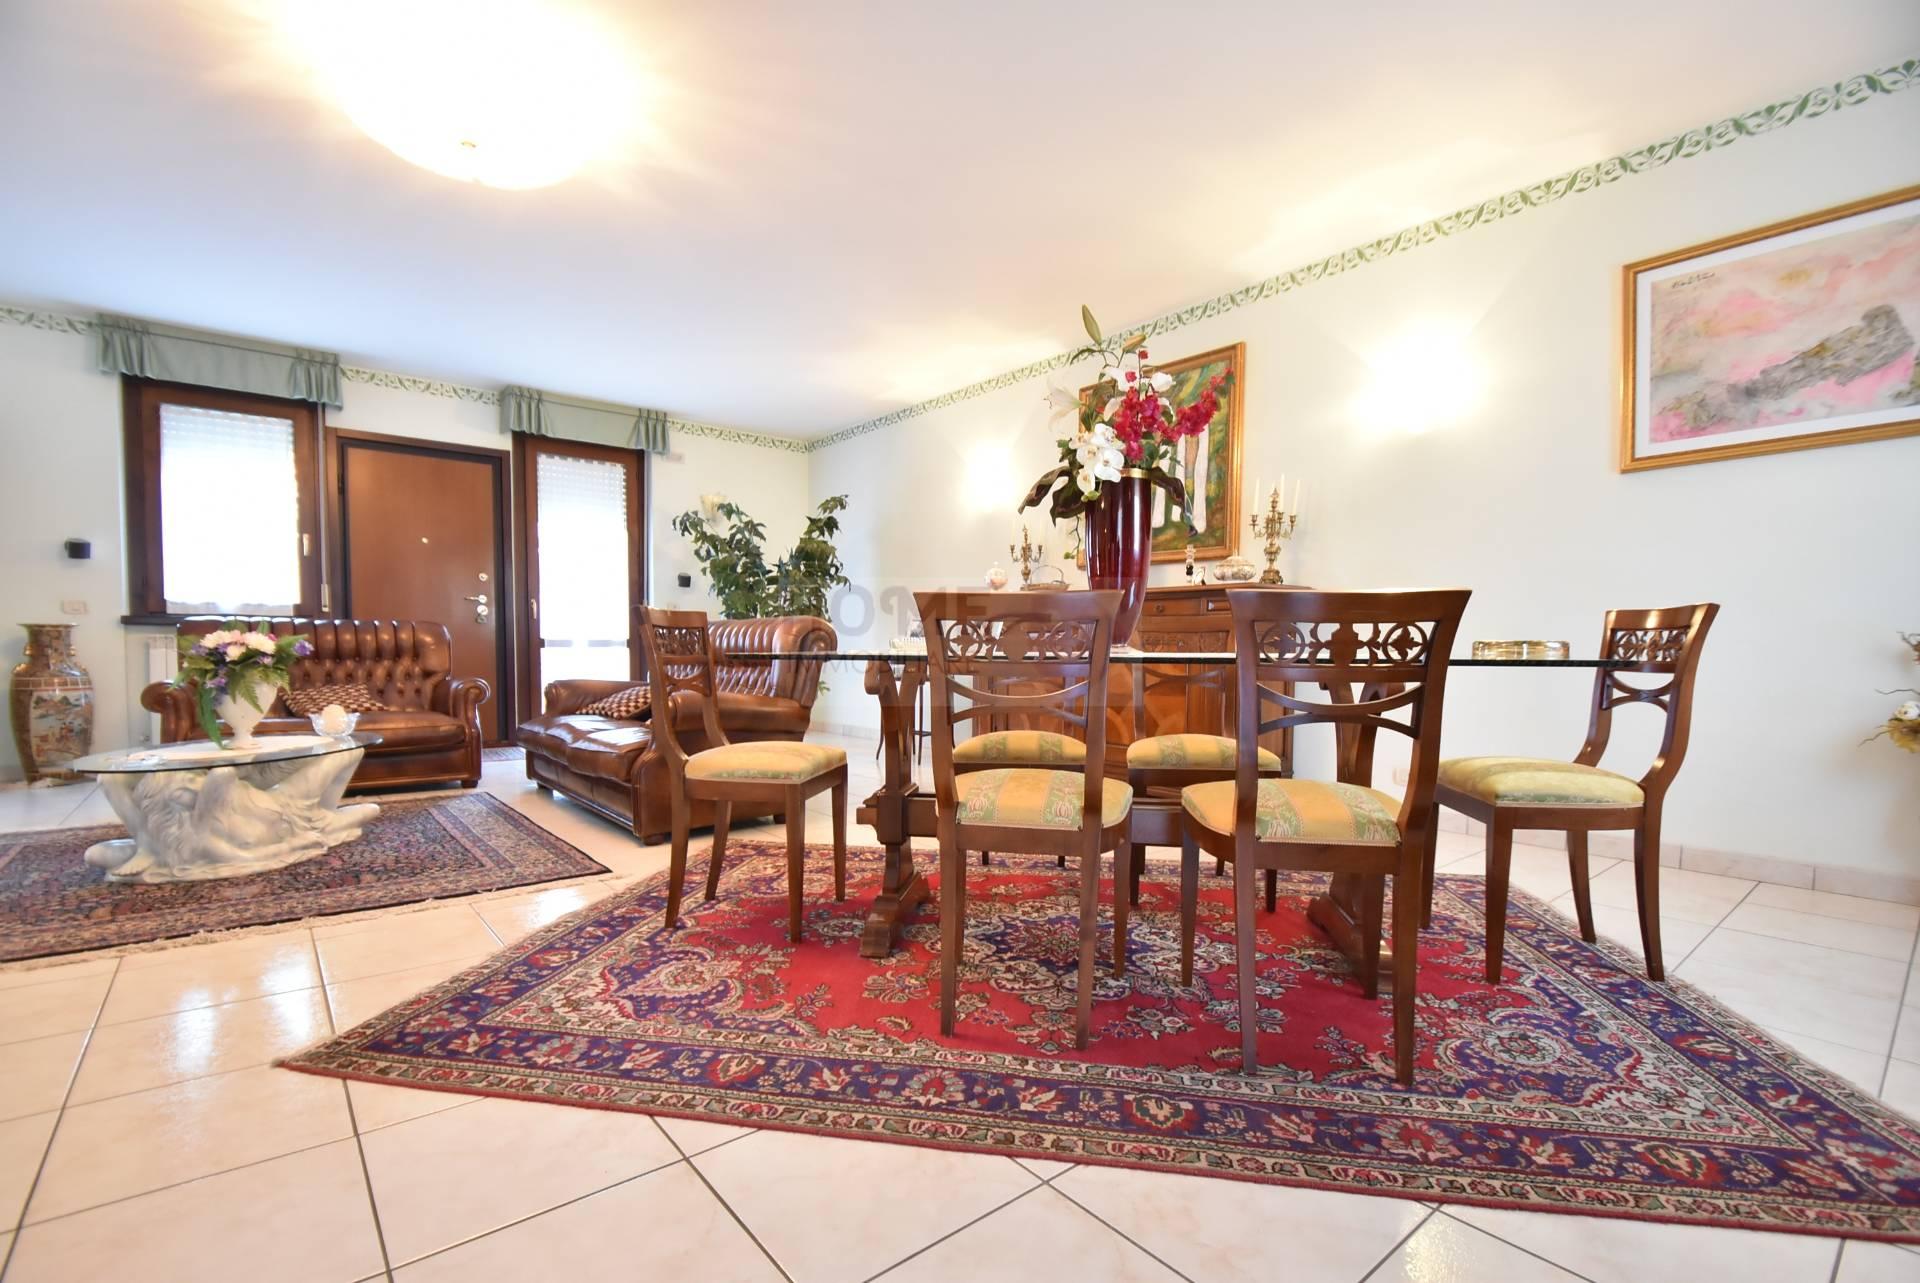 Soluzione Indipendente in vendita a Corridonia, 12 locali, zona Località: zonaS.aMaria, prezzo € 330.000 | Cambio Casa.it